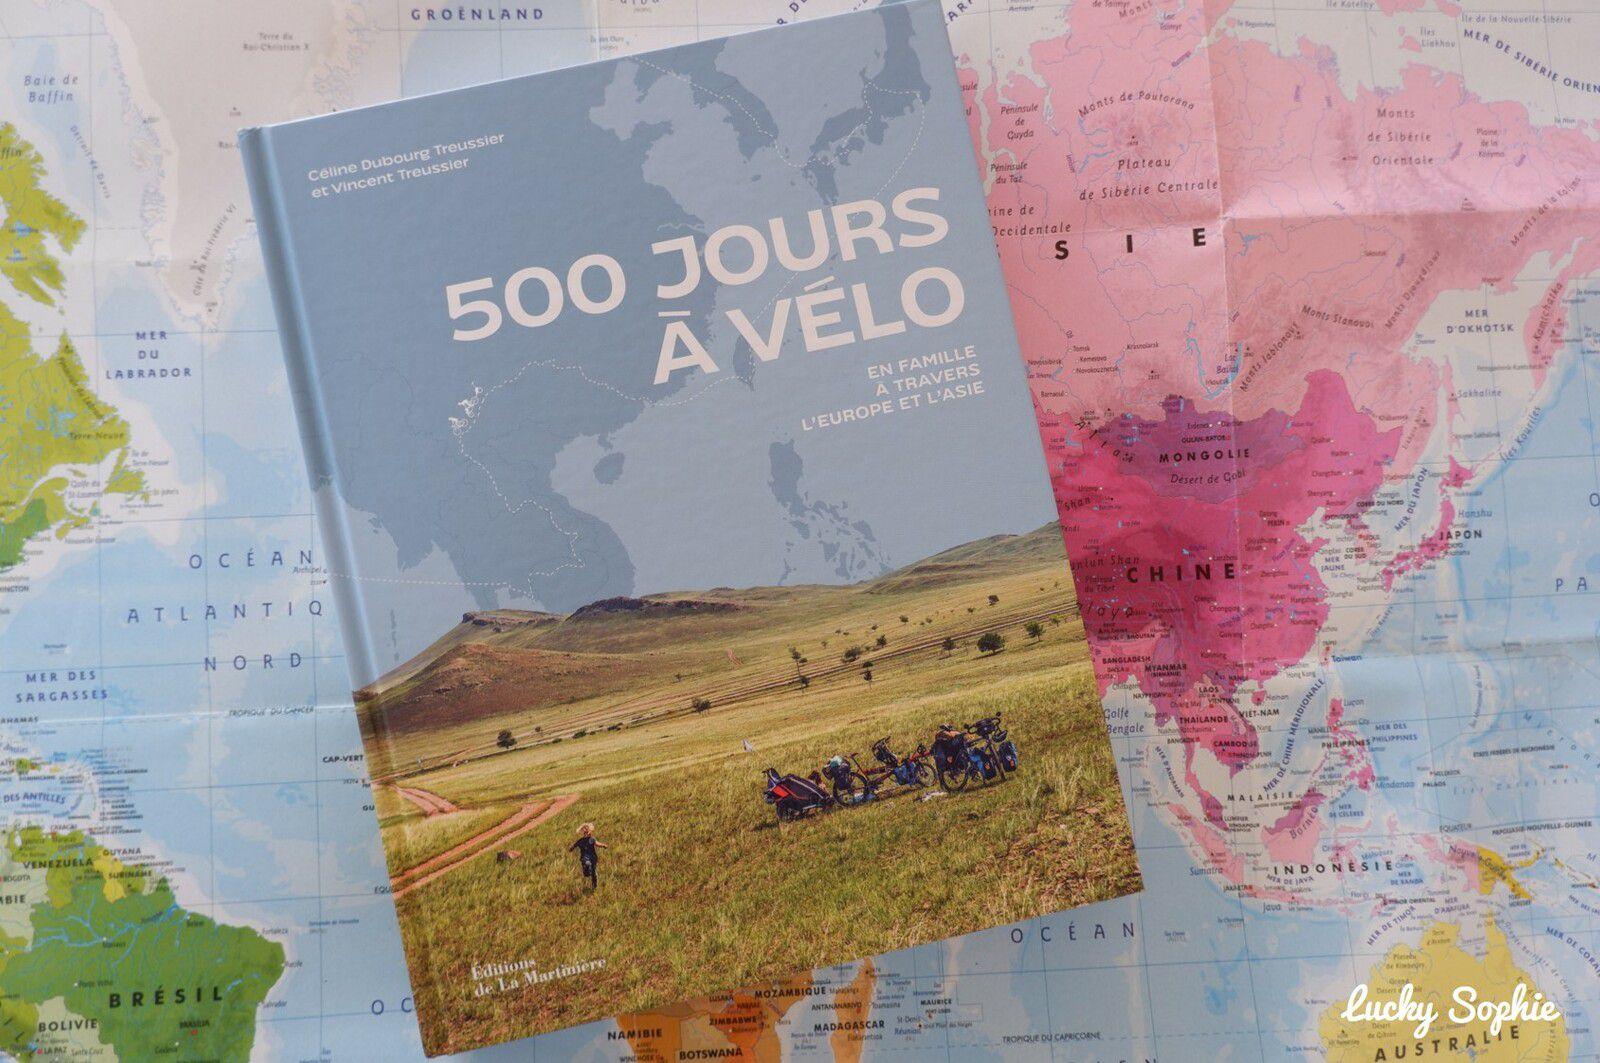 500 jours à vélo en famille en Europe et en Asie